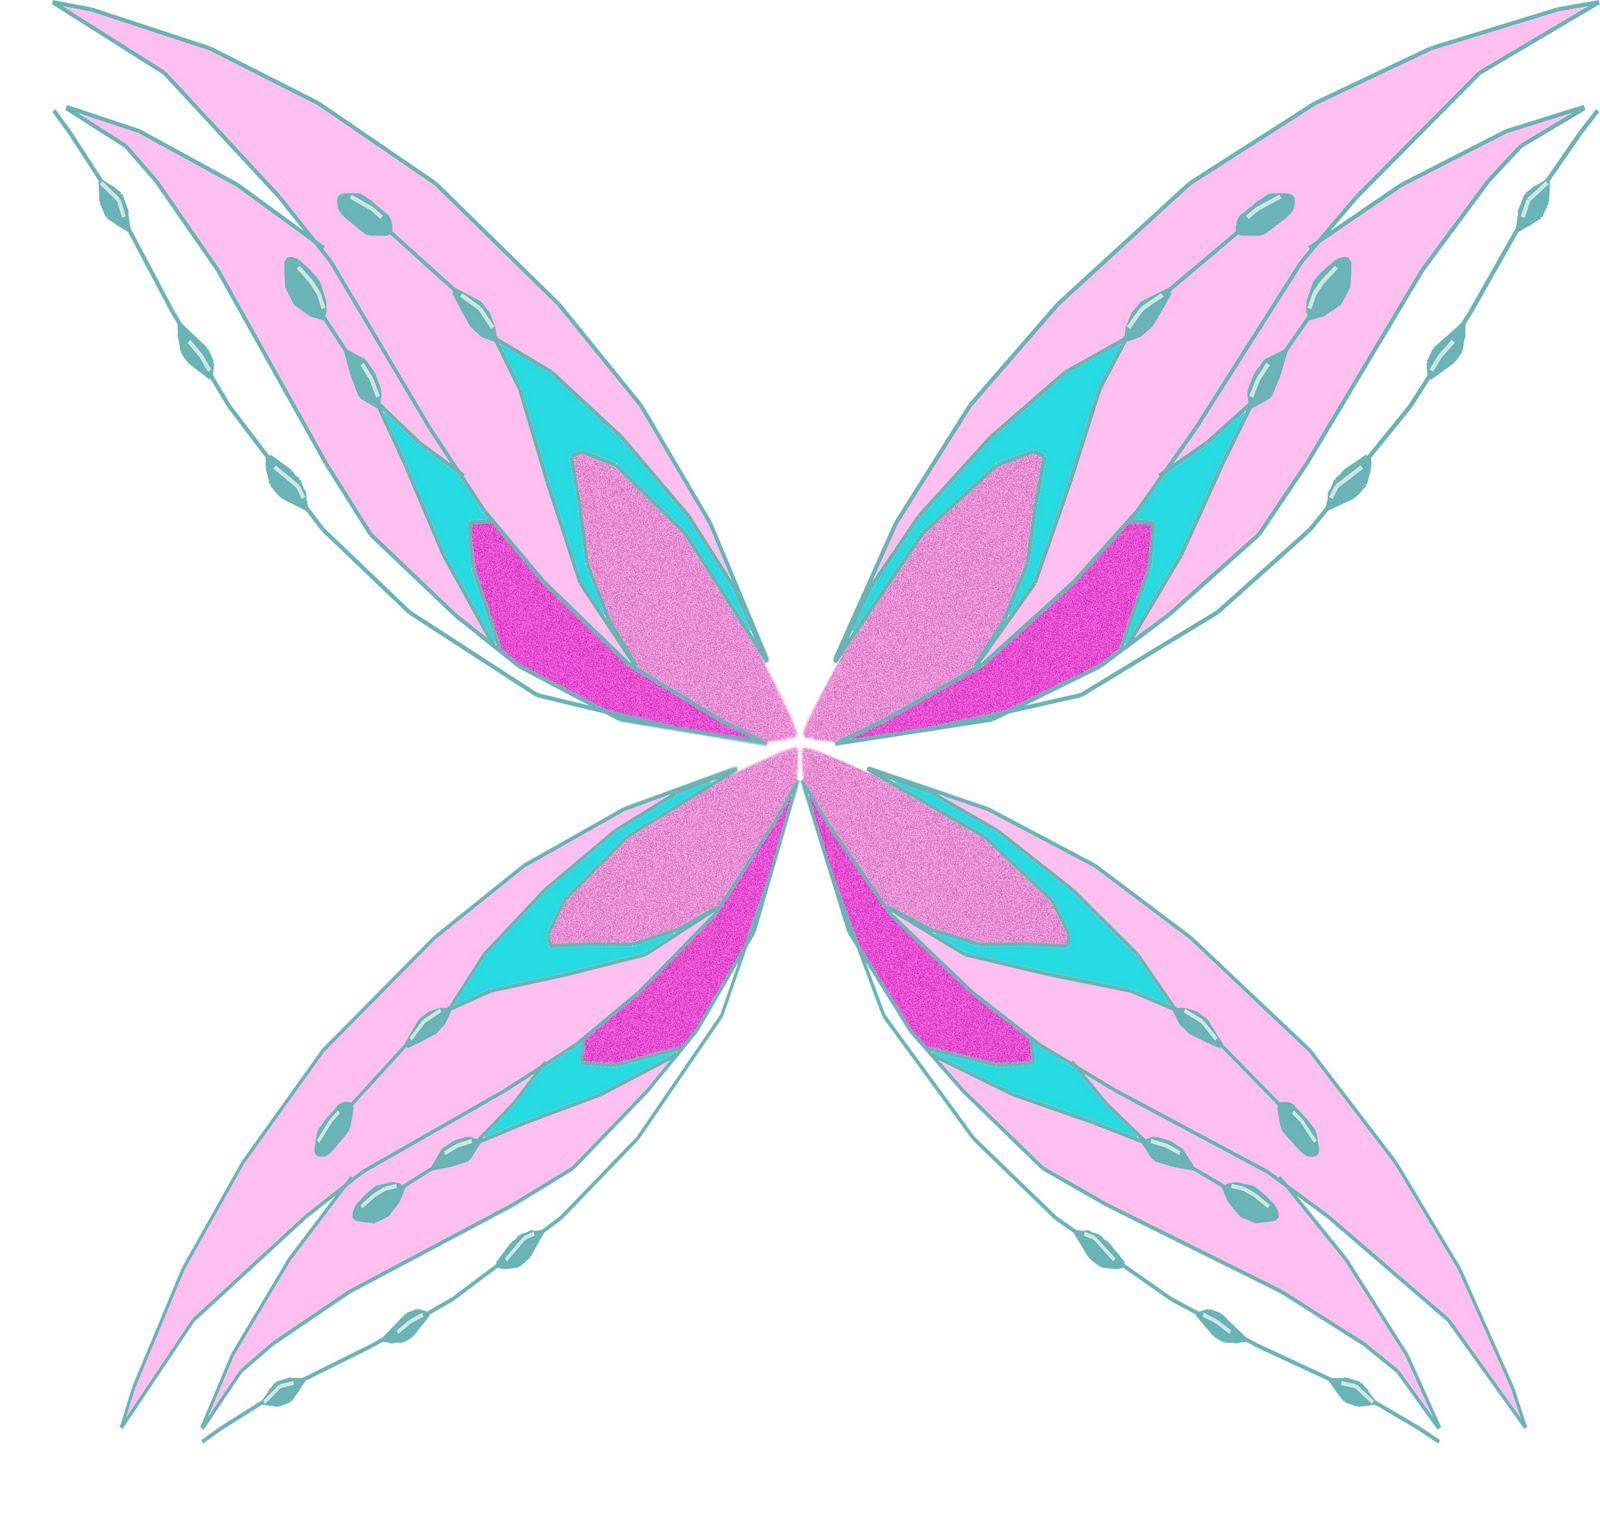 http://4.bp.blogspot.com/_J1eKITQ_ojE/S6ywJadkXXI/AAAAAAAABGM/FAQqpNGP3N8/s1600/zoomix_bloom_.jpg